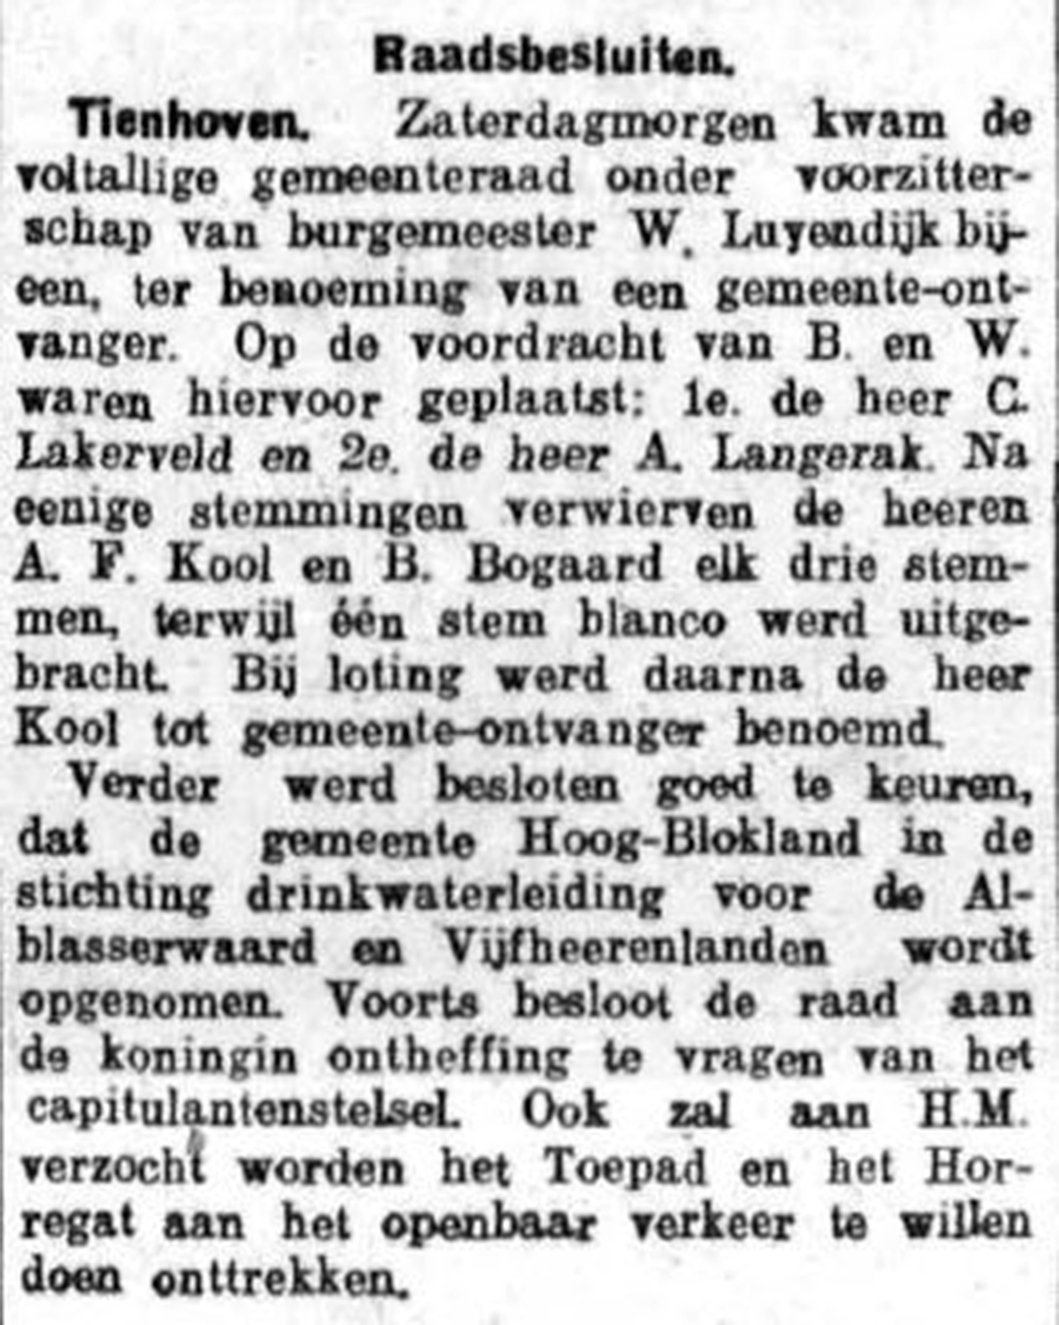 Schoonhovensche Courant 07778 1937-03-01 artikel 01